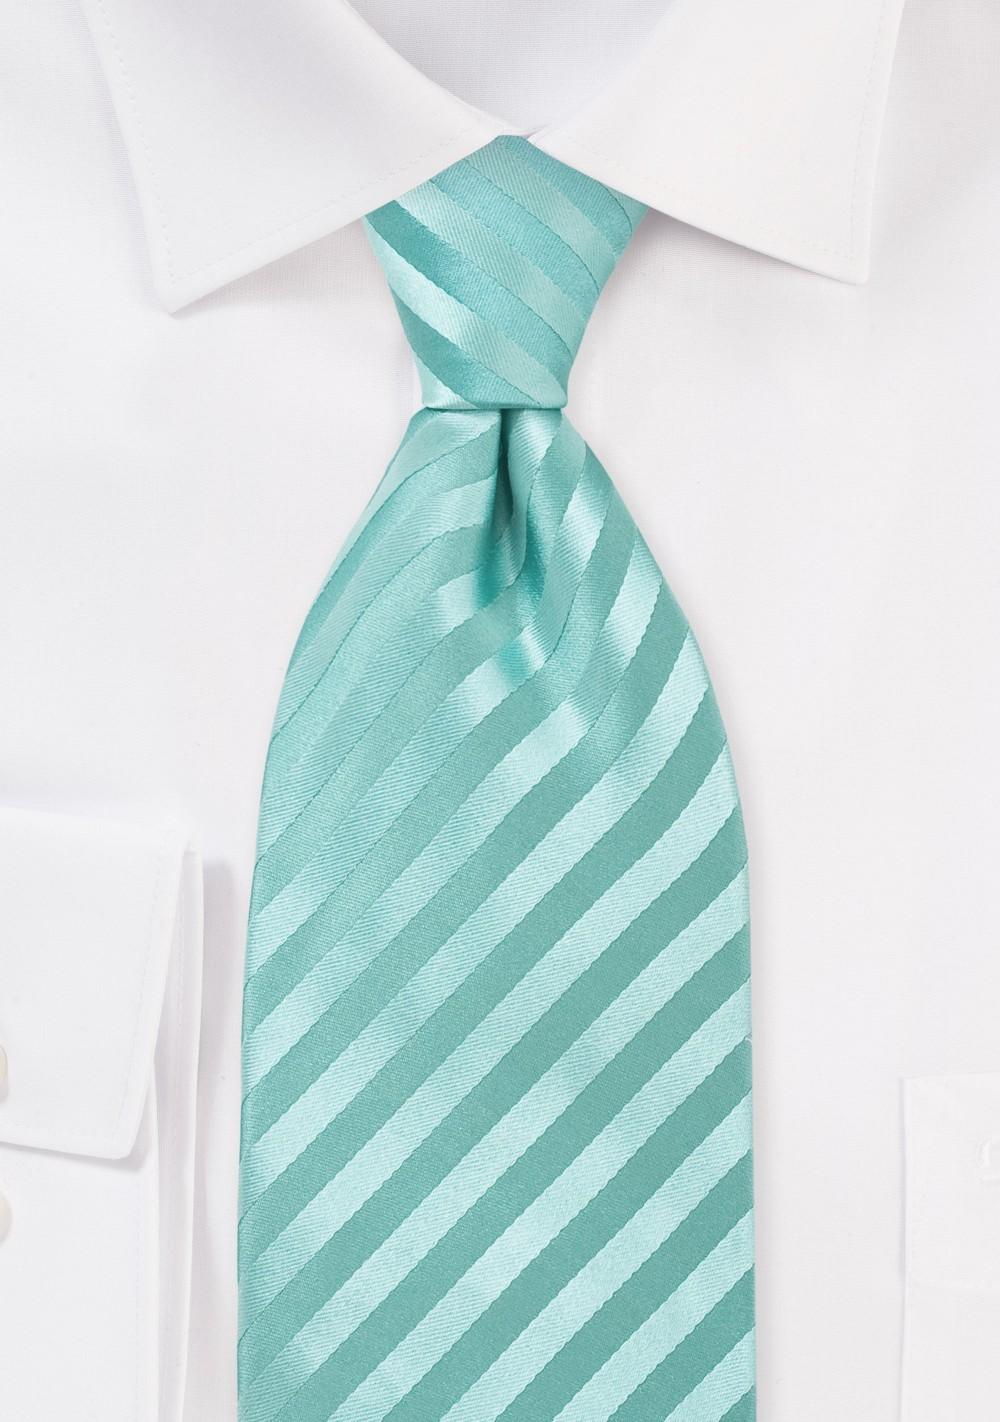 Kids Sized Silk Tie in Mint-Green